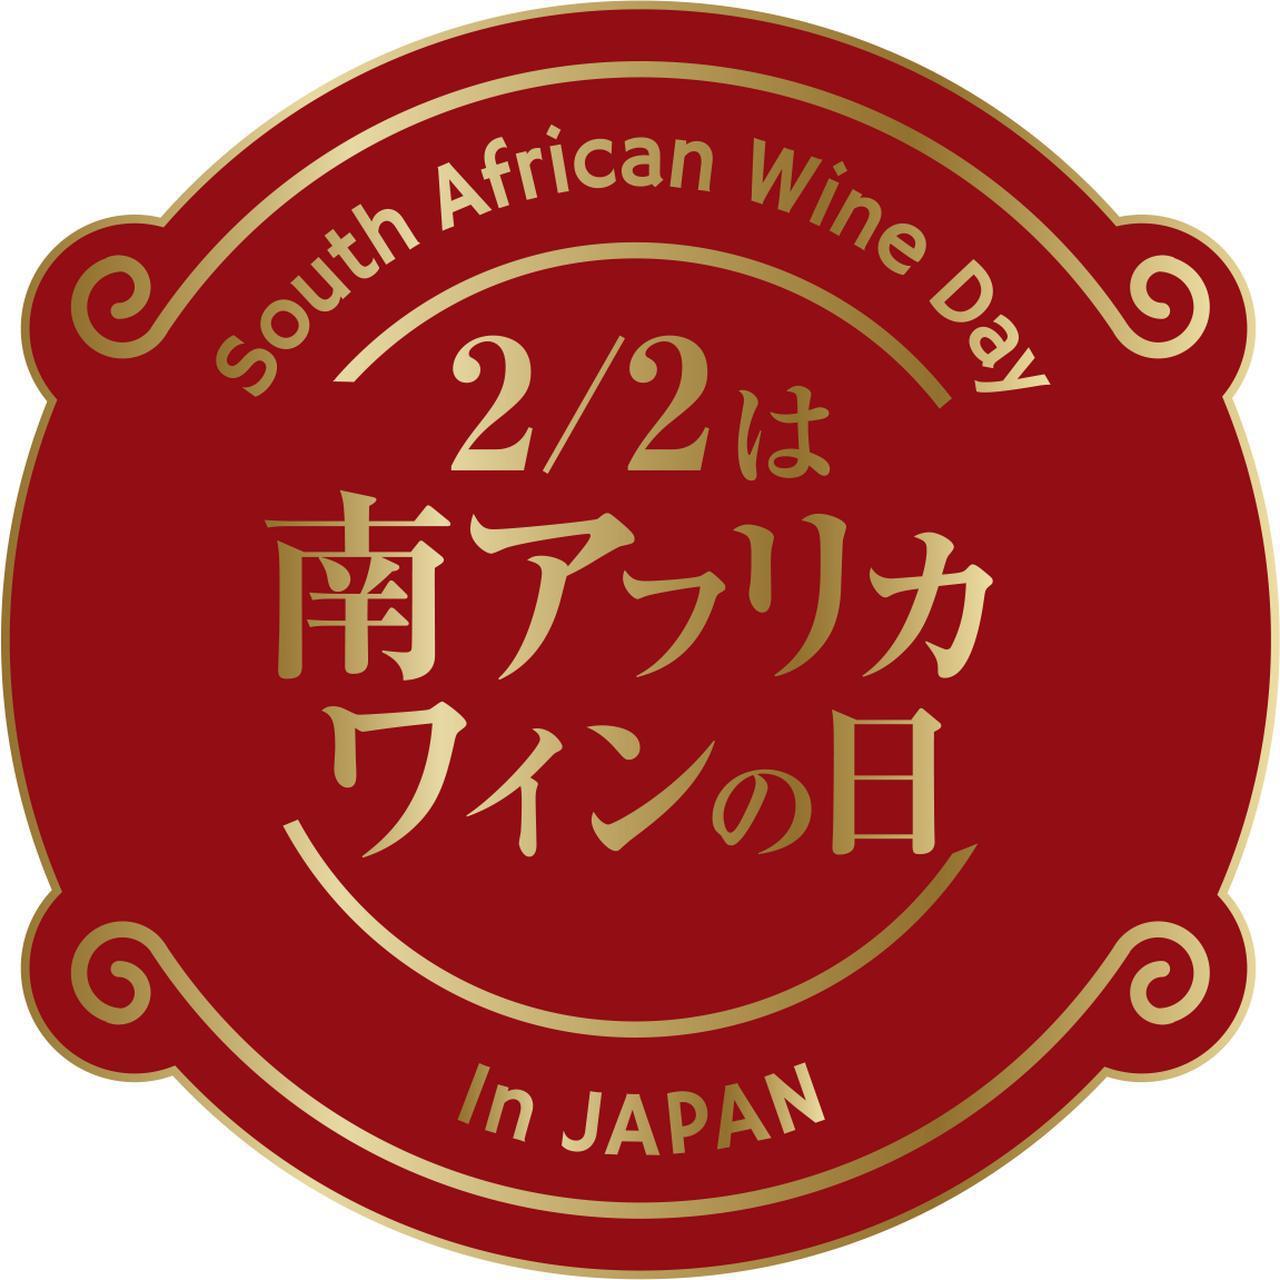 画像: 2月2日は南アフリカワインの日! 2017年12月29日に2月2日を「南アフリカワインの日」に制定し、(一社)日本記念日協会に認定された。 1659年2月2日は、南アフリカにおいて初めてワインが造られた日。初代東インド会社の代表(初代ケープタウン総領事)であるオランダ人、ヤン・ファン・リーベック氏が書き込んだ1659年2月2日の日誌には、「ケープのブドウから最初のワインが本日無事に造られました」と記され、その正確な日時の記載が残されている。日本の輸入ワイン市場における、南アフリカワインの販売促進および認知向上、また、日本と南アフリカ共和国との友好関係の構築を図り、記念日の制定に至った。